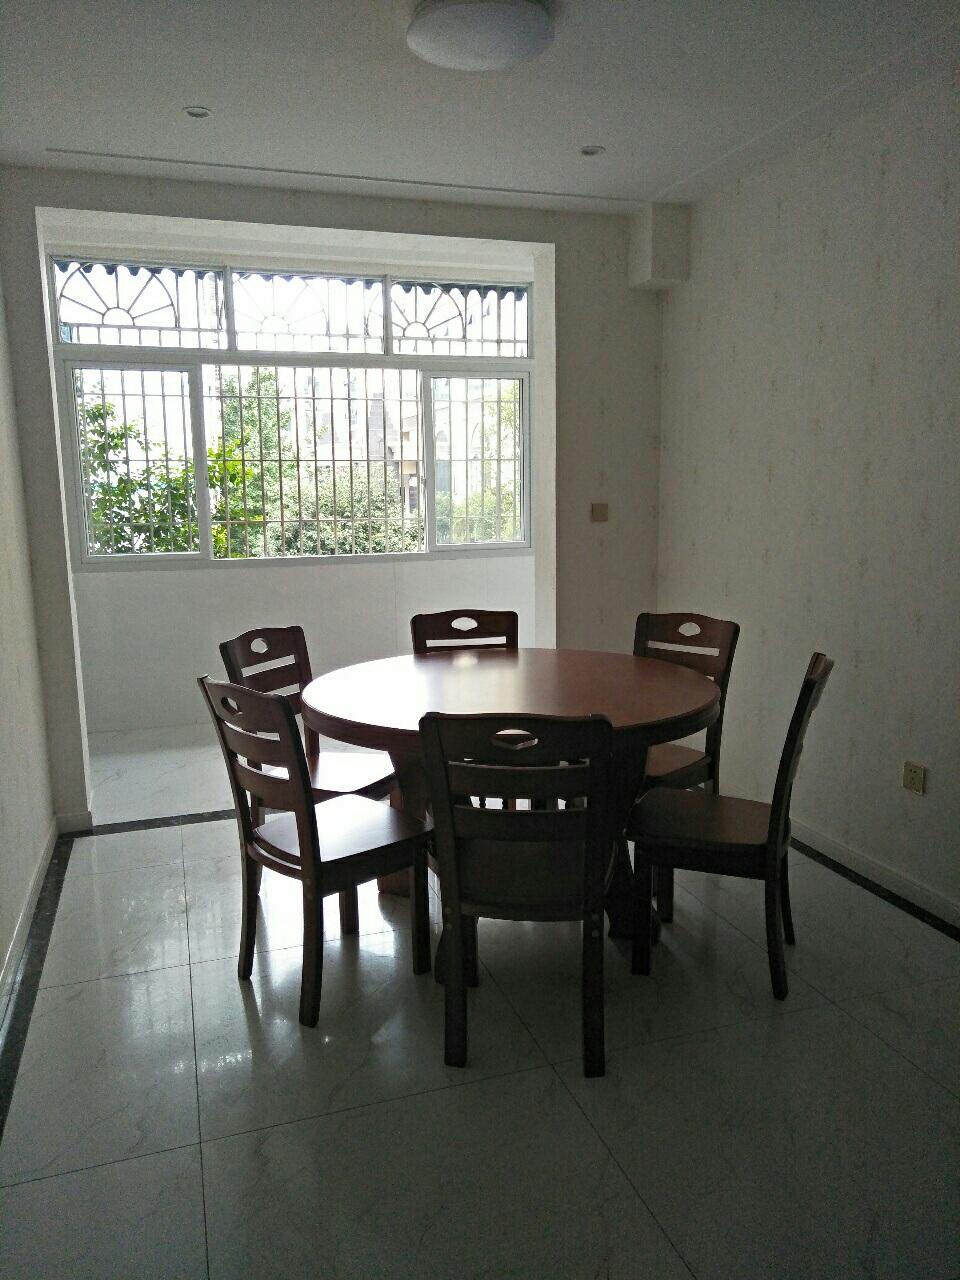 凤翔街4室 2厅 1卫48.6万元